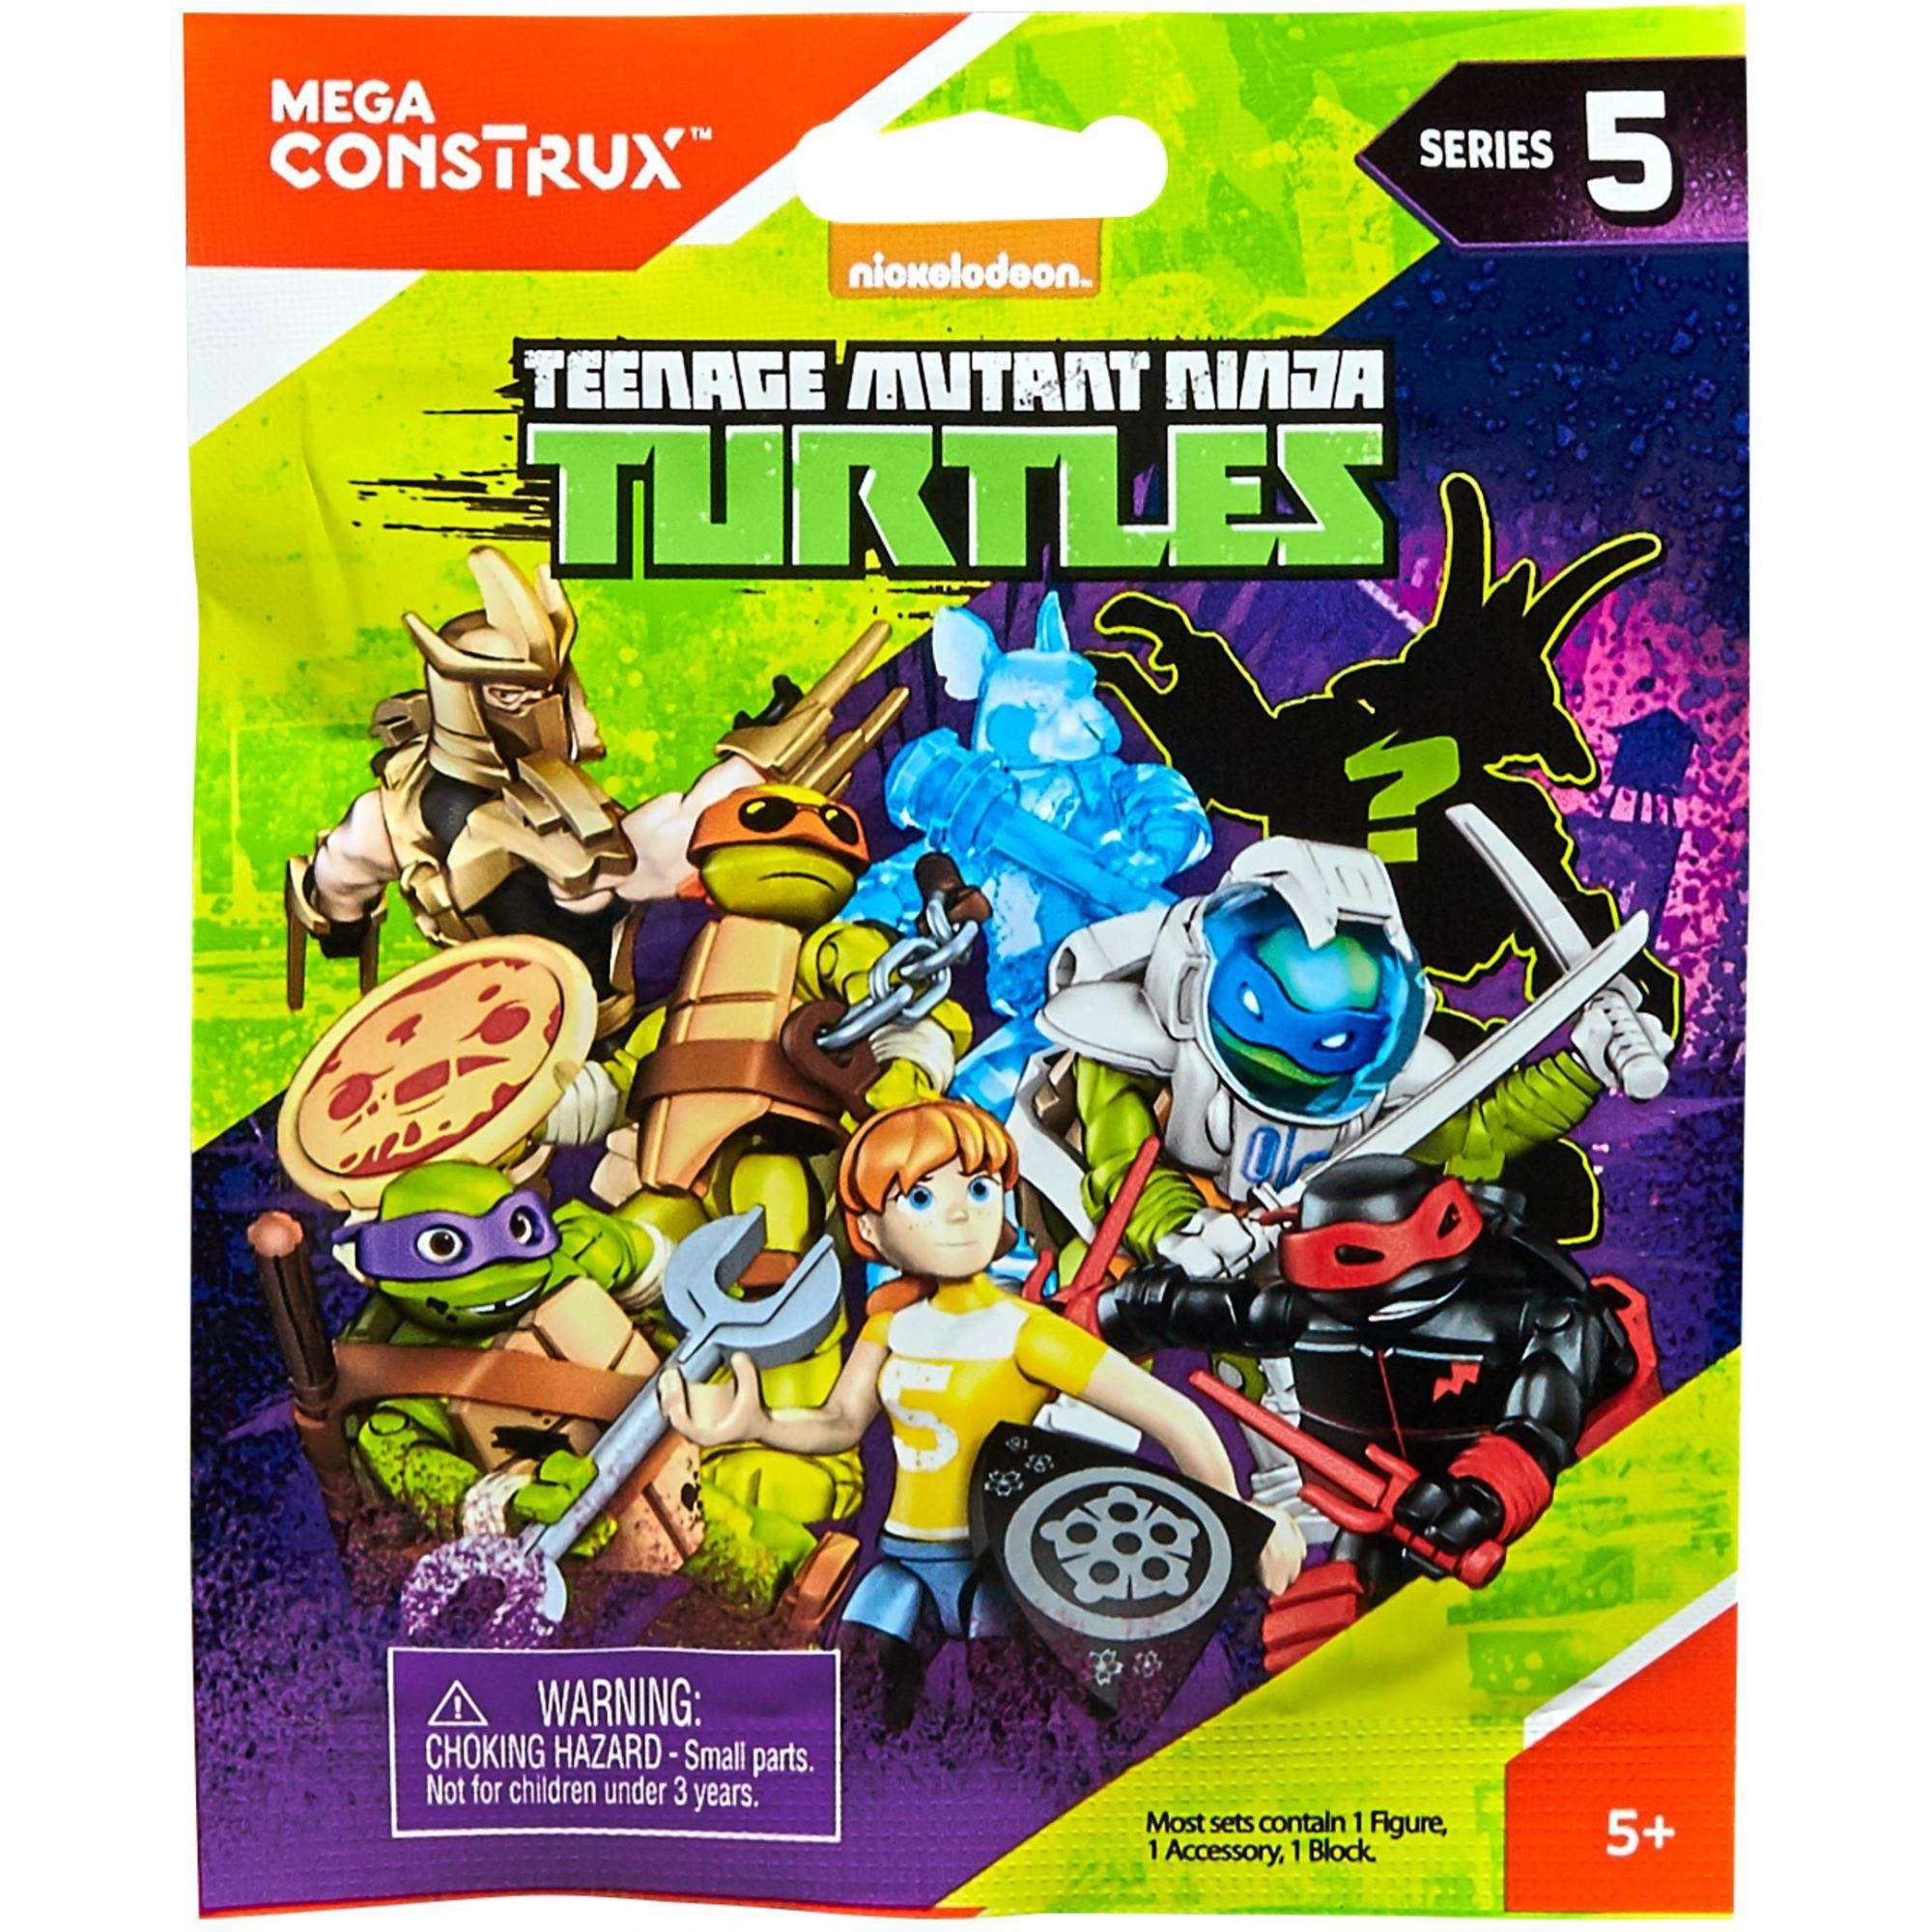 Mega Construx Teenage Mutant Ninja Turtles Micro Action Figures (Styles May Vary)